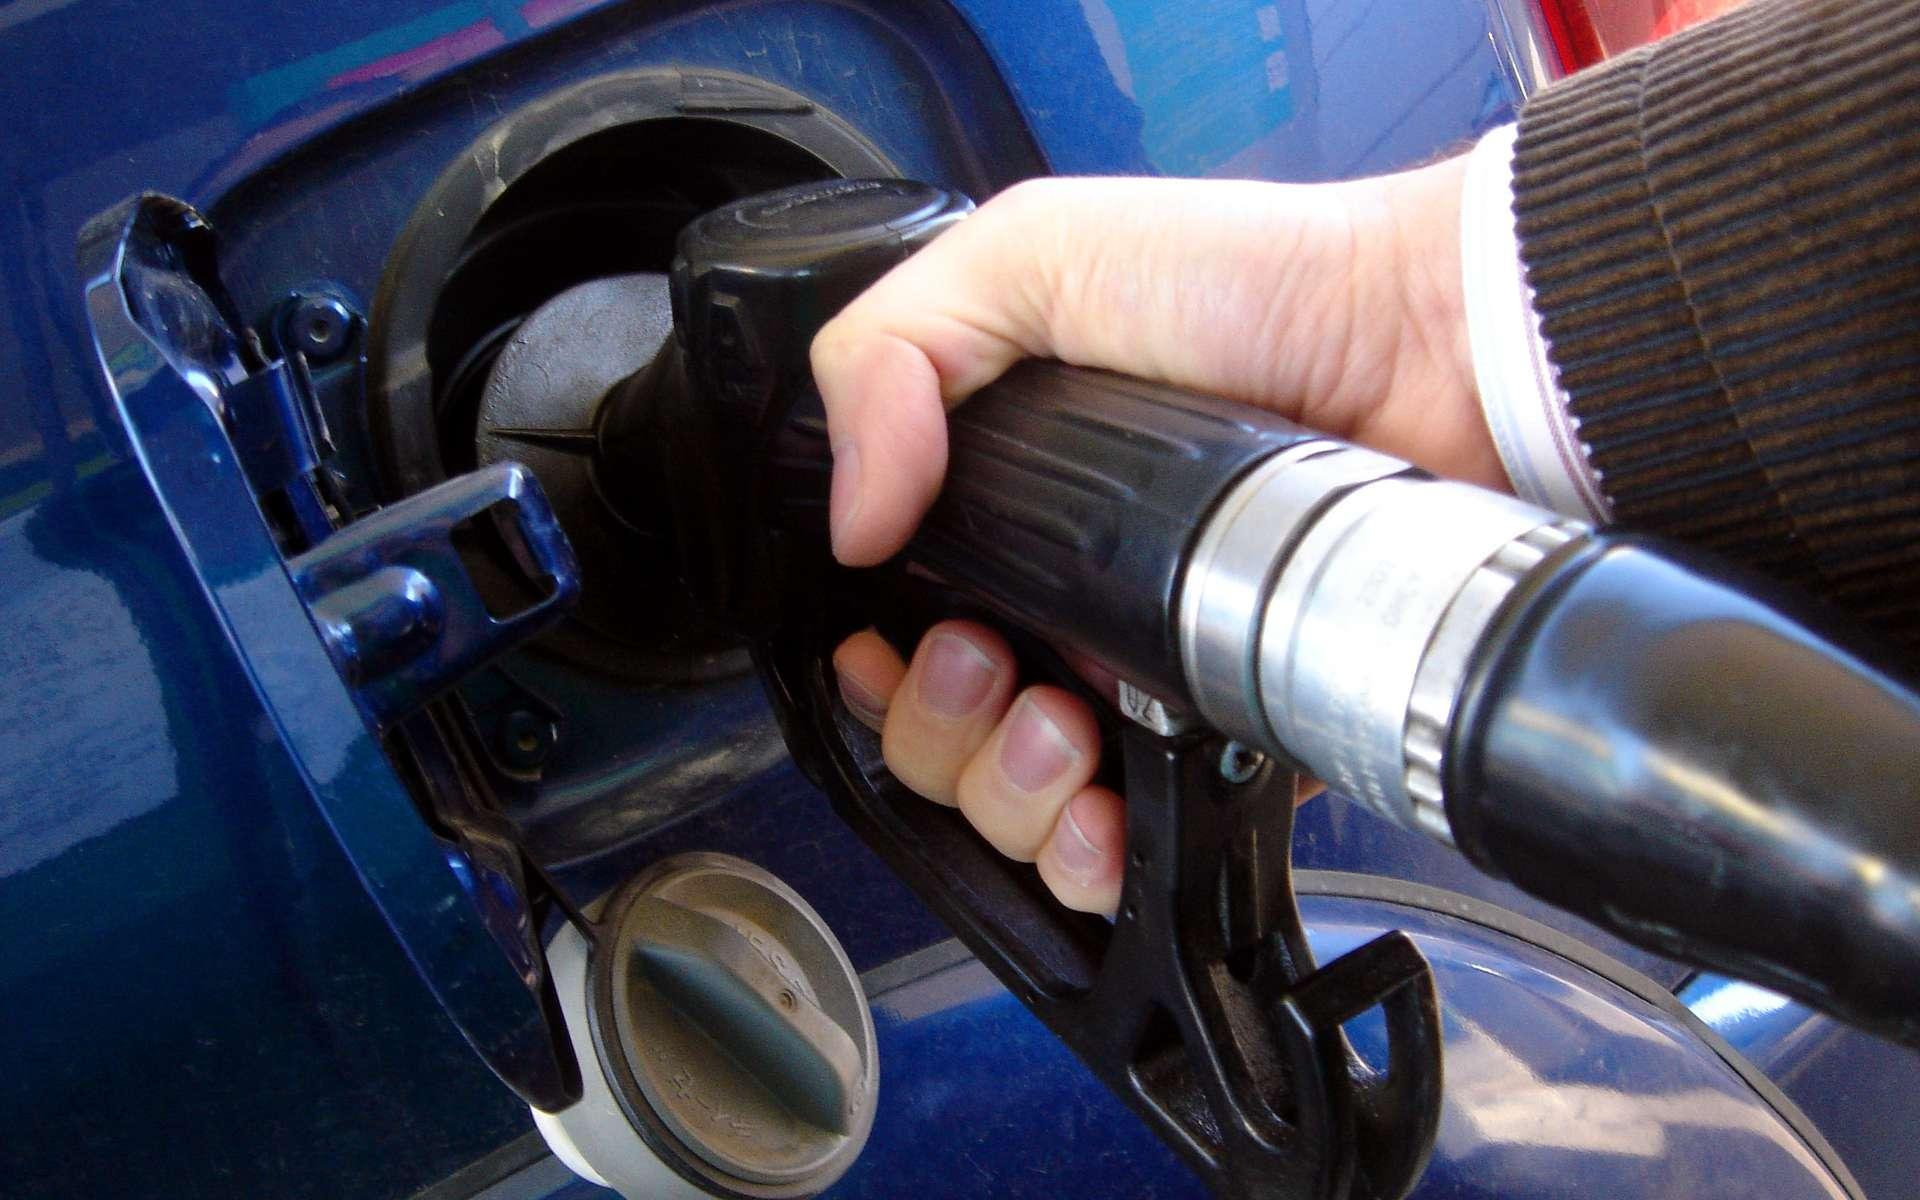 Une équipe de chercheurs canadiens envisage d'alimenter les moteurs de nos voitures à l'aide de poudres métalliques, fines comme de la farine. © JaulaDeArdilla, Flickr, CC by-NC-ND 2.0